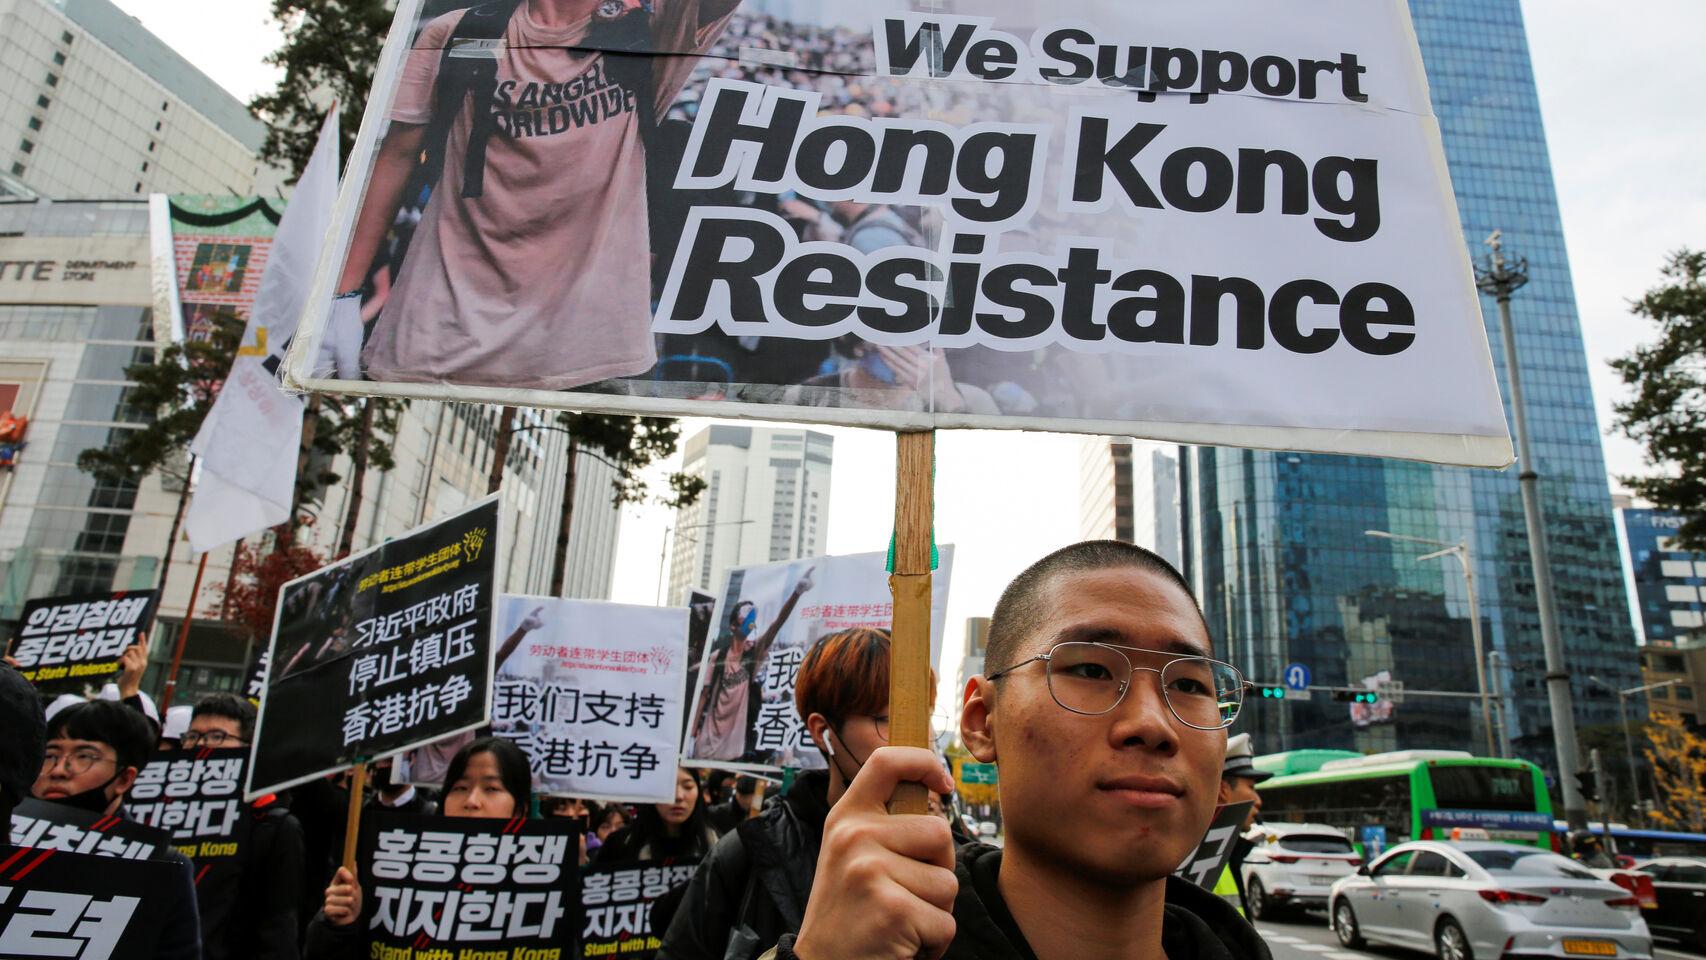 El movimiento pro democracia de Hong Kong logra una aplastante victoria en las elecciones locales